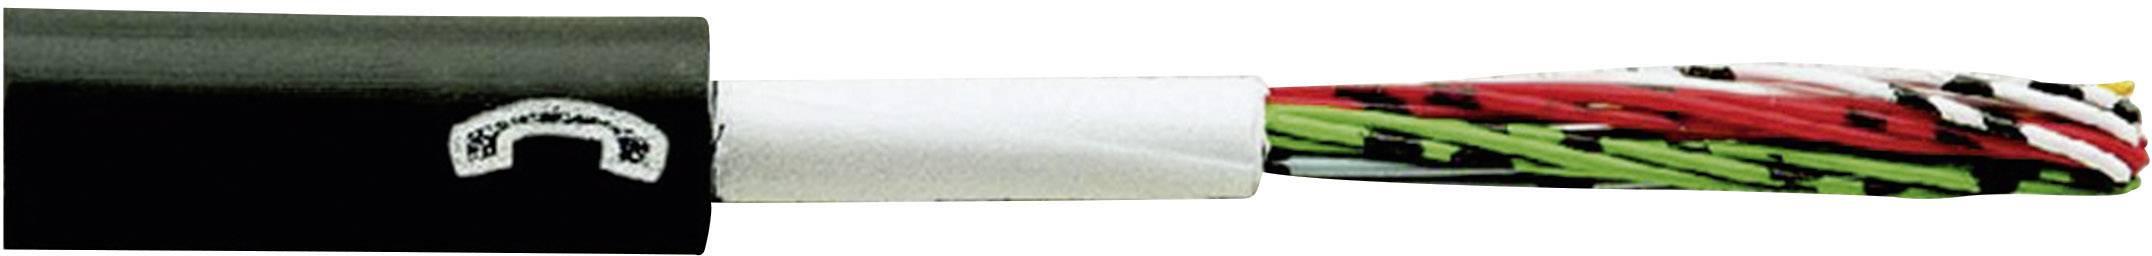 Telefonní kabel Faber Kabel A-2Y(L)2Y (110024), 4 x 2 x 0,8 mm, černá, 1 m